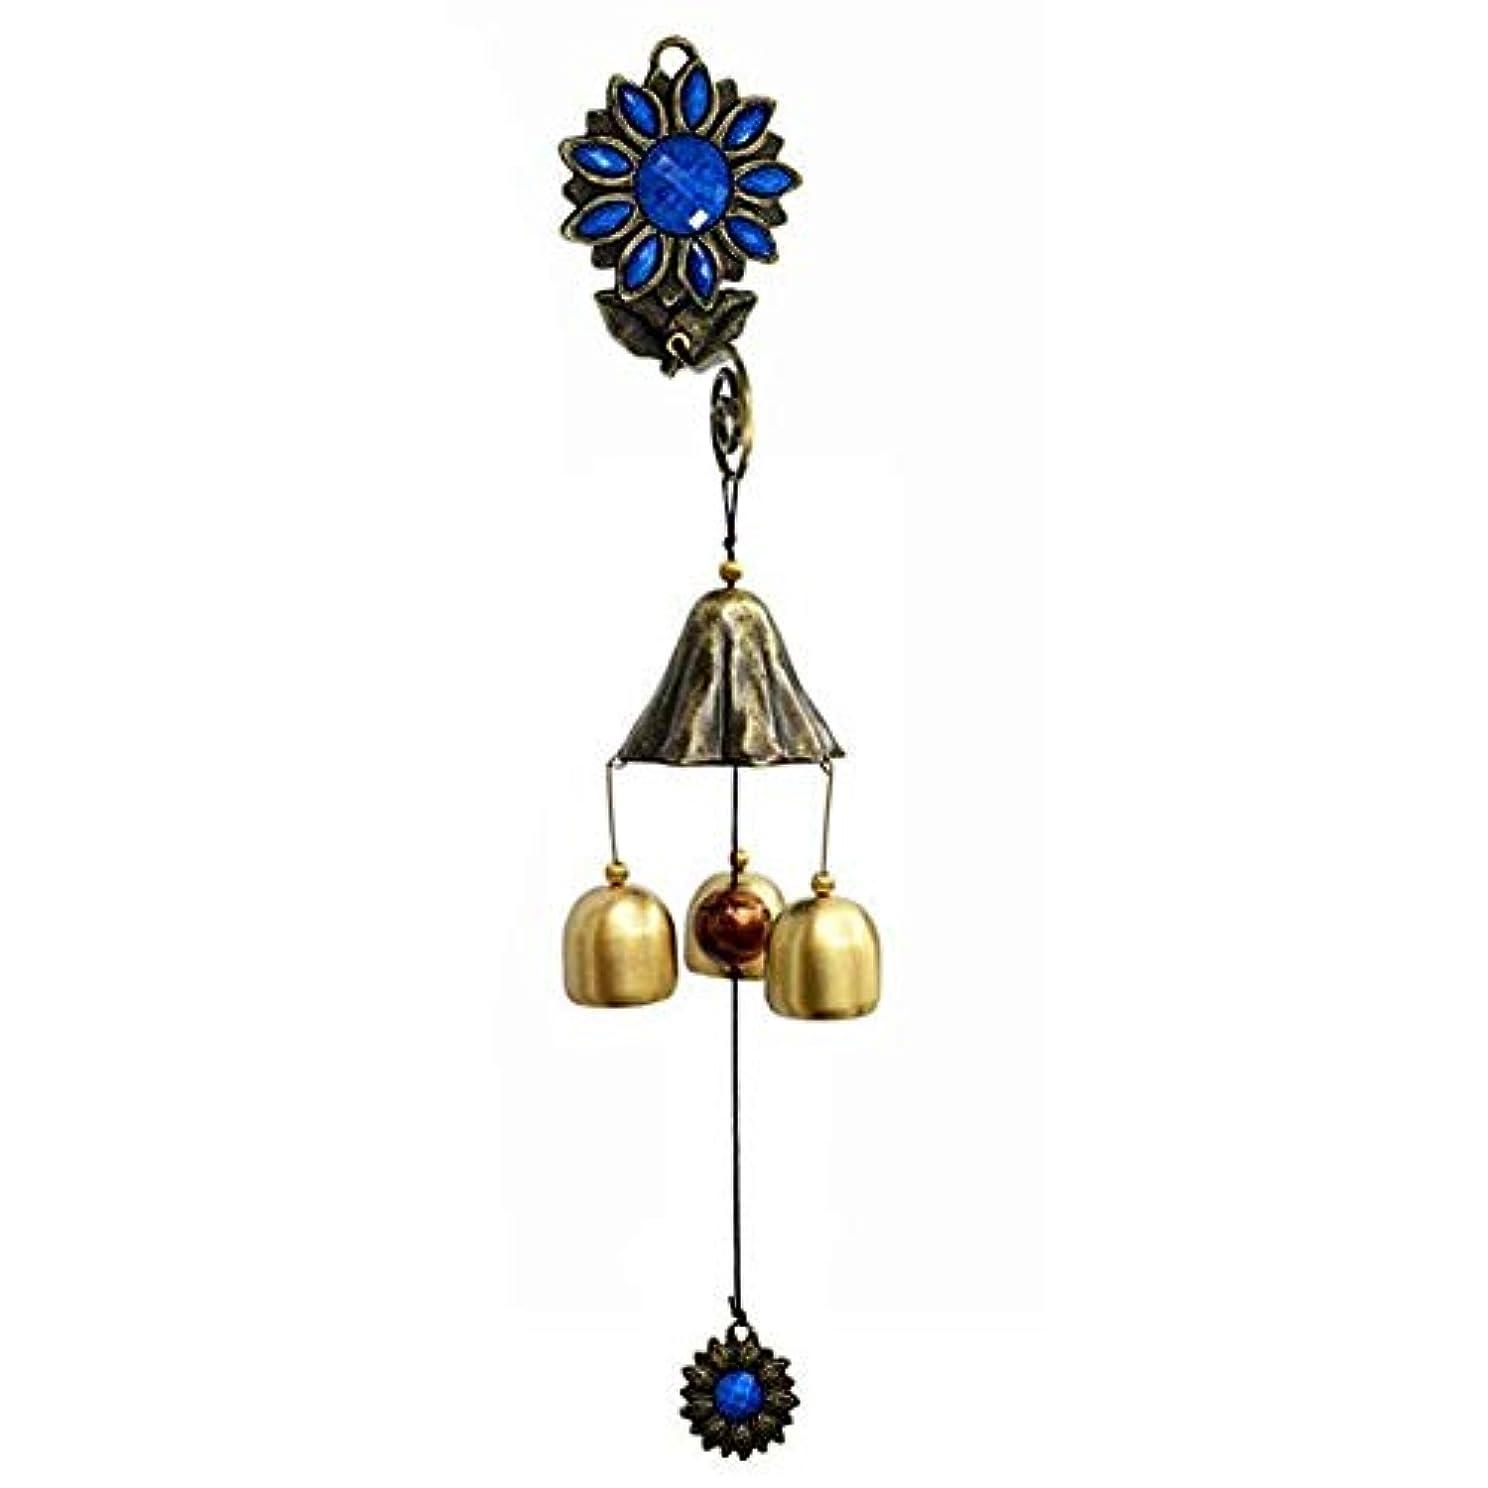 疑問に思う誤って飛躍Hongyuantongxun 風チャイム、ガーデンメタルクリエイティブひまわり風の鐘、グリーン、全長約35CM,、装飾品ペンダント (Color : Blue)